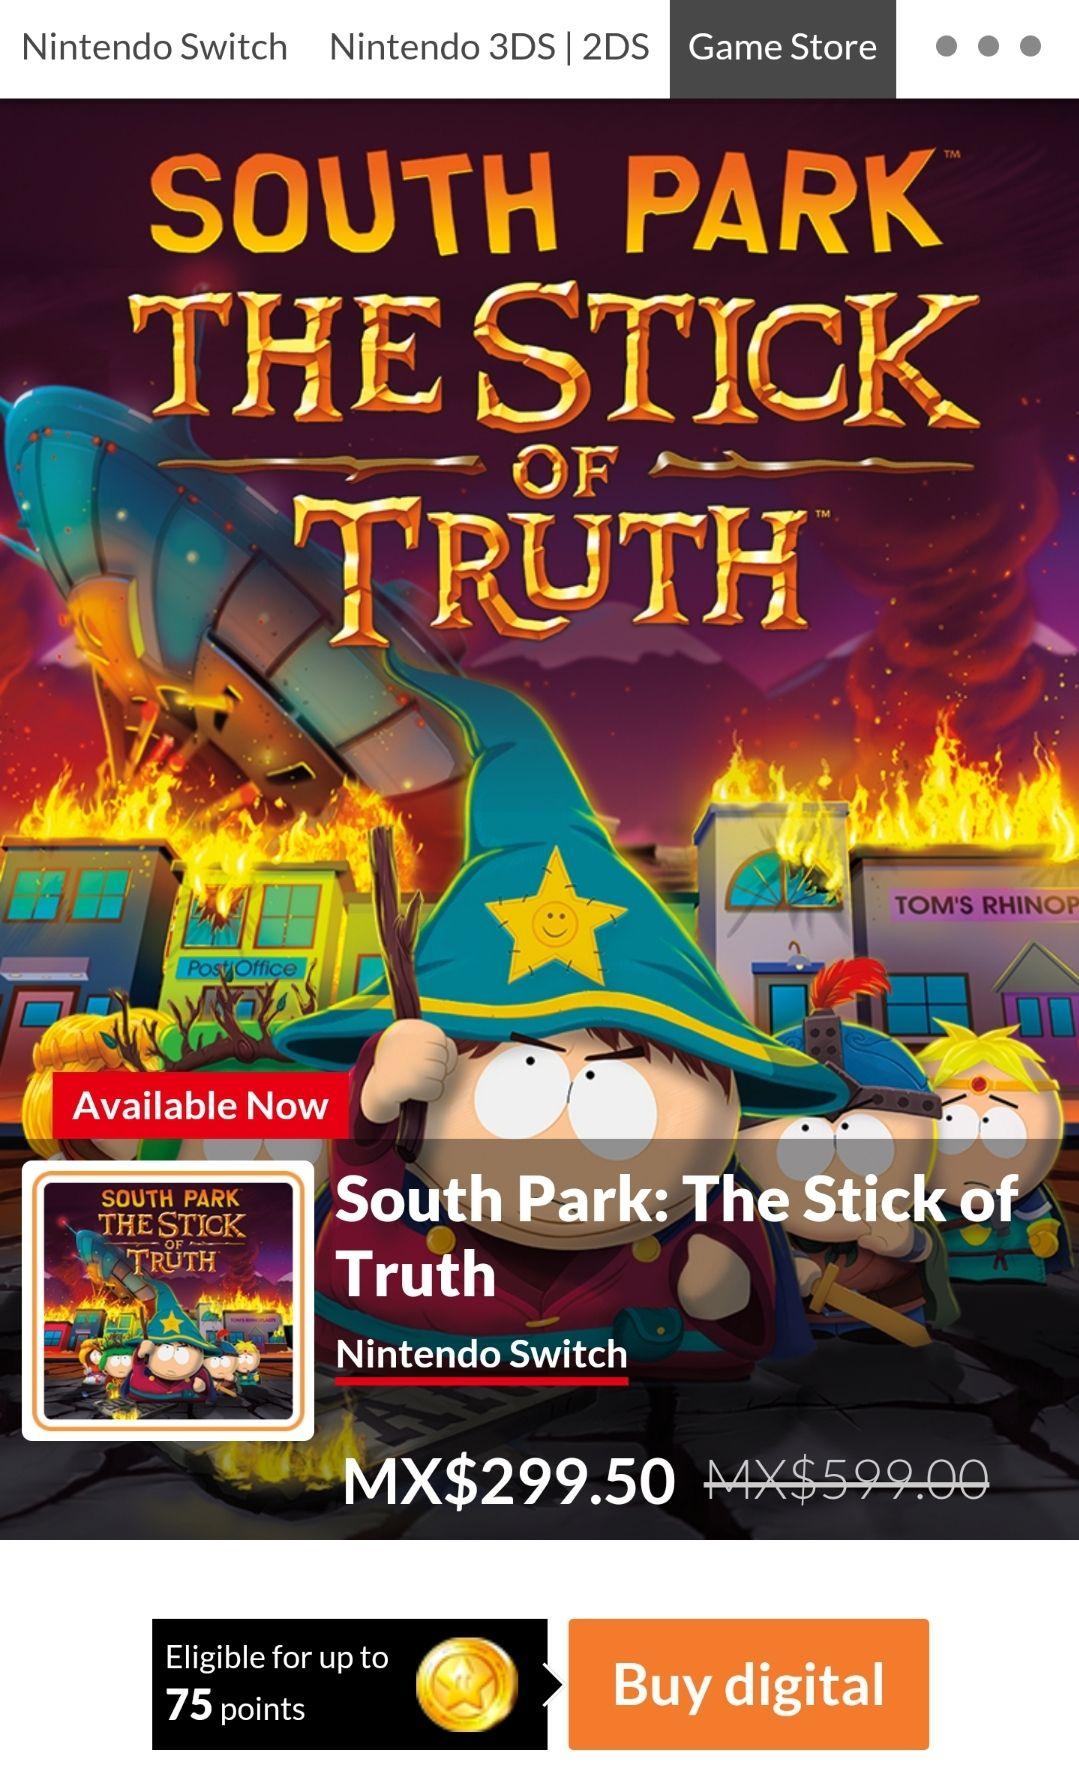 Nintendo eShop: South Park The Stick of True Switch